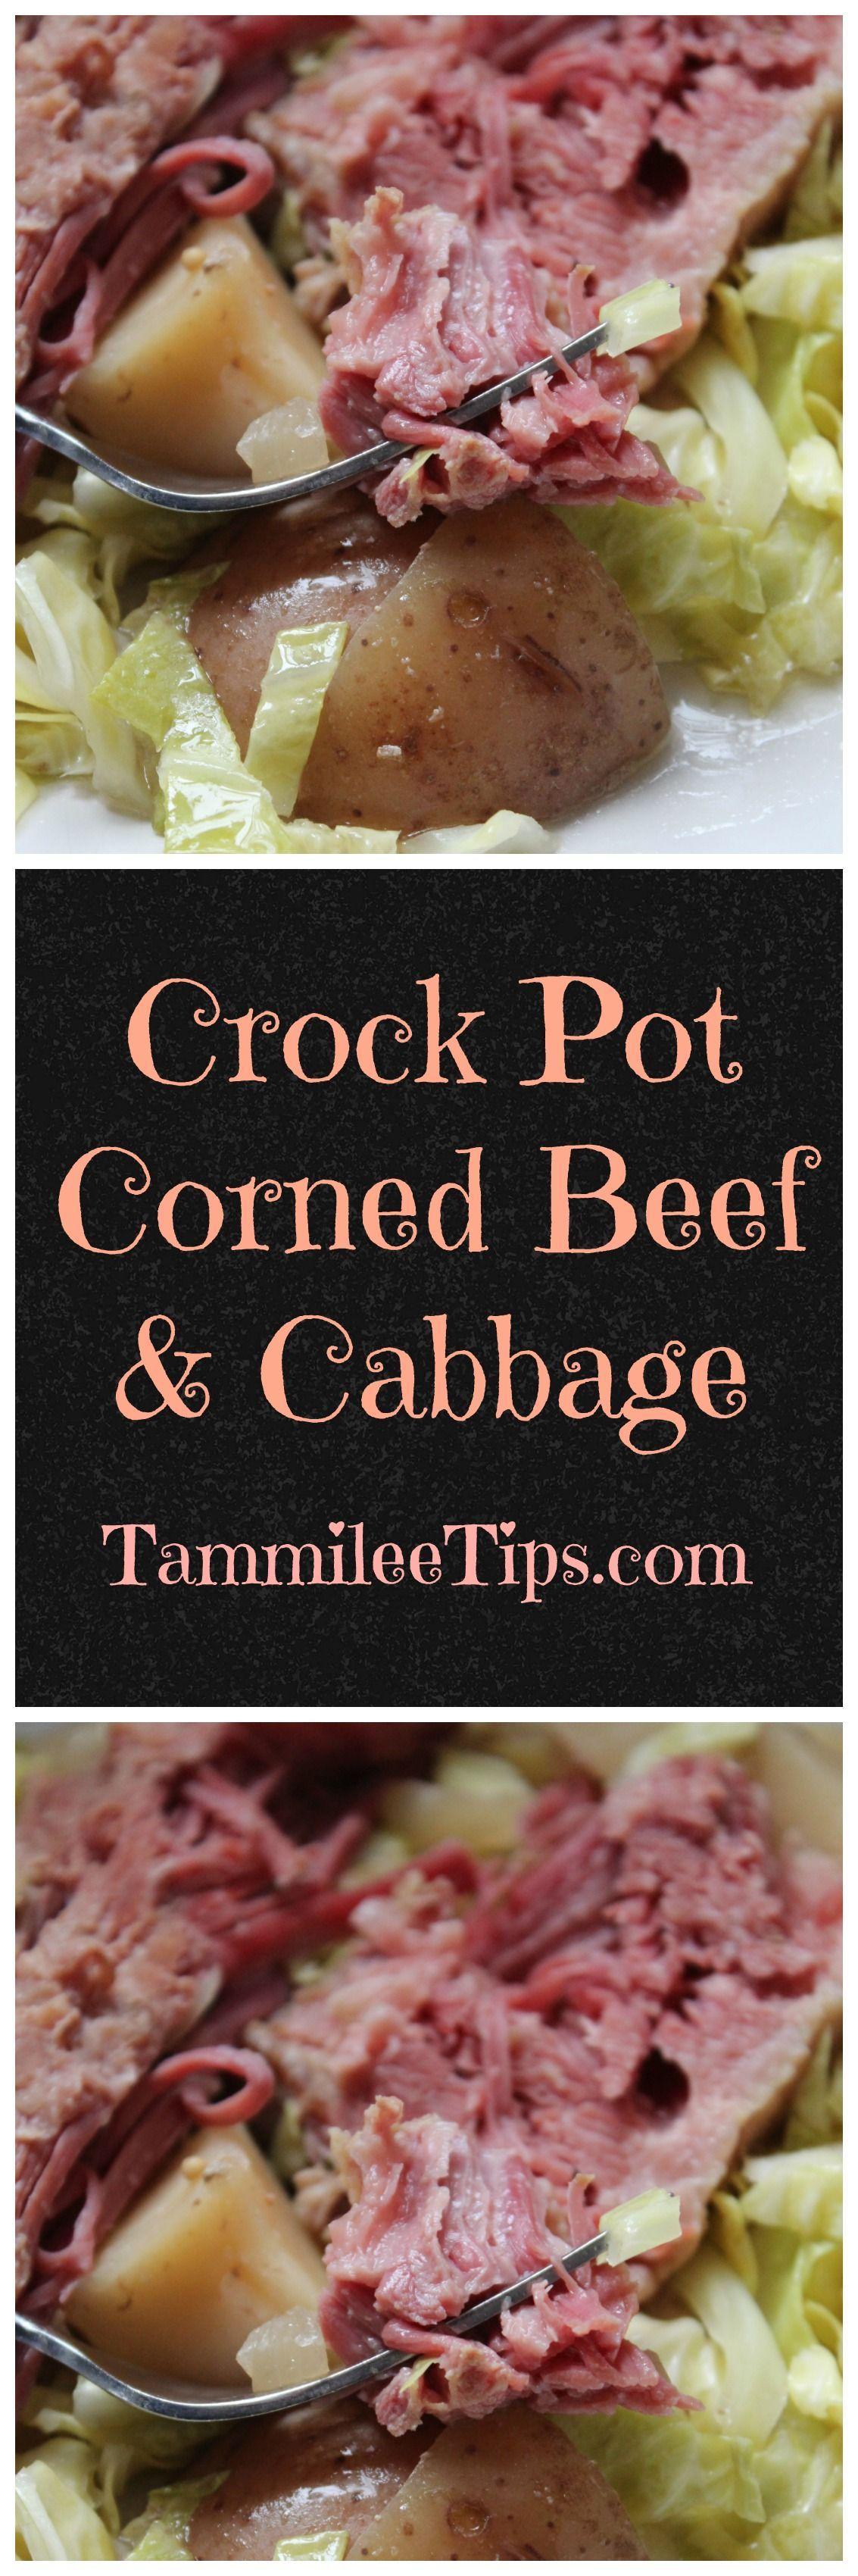 Best Corned Beef Recipe With Beer